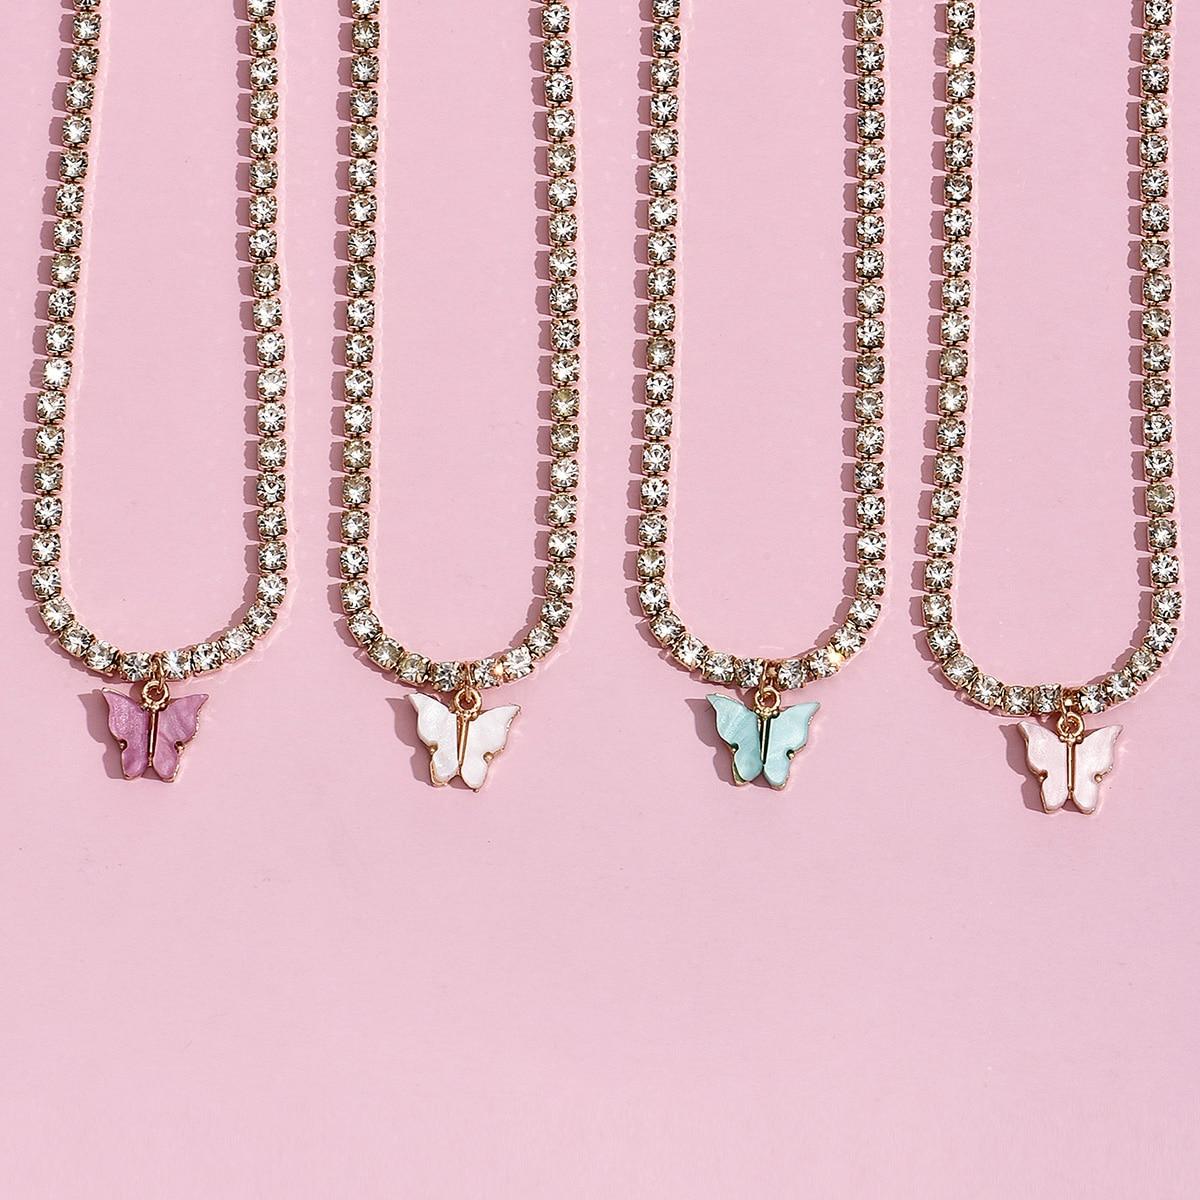 4 Stücke Halskette mit Strass und Schmetterling Anhänger